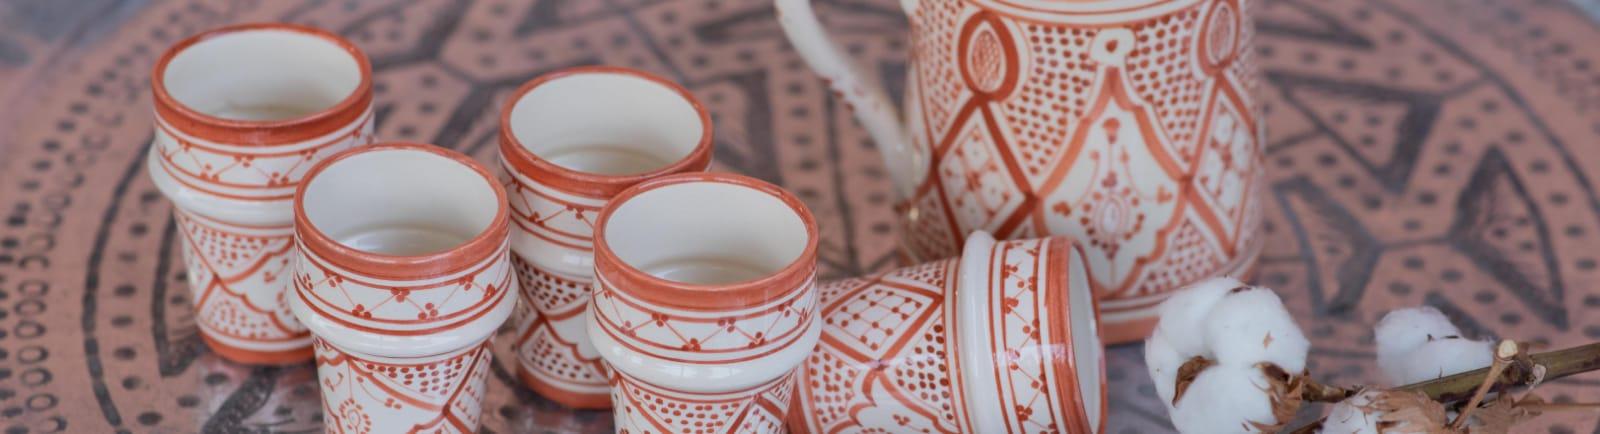 כלים חמרה לבן - פנטזיה מרוקאית